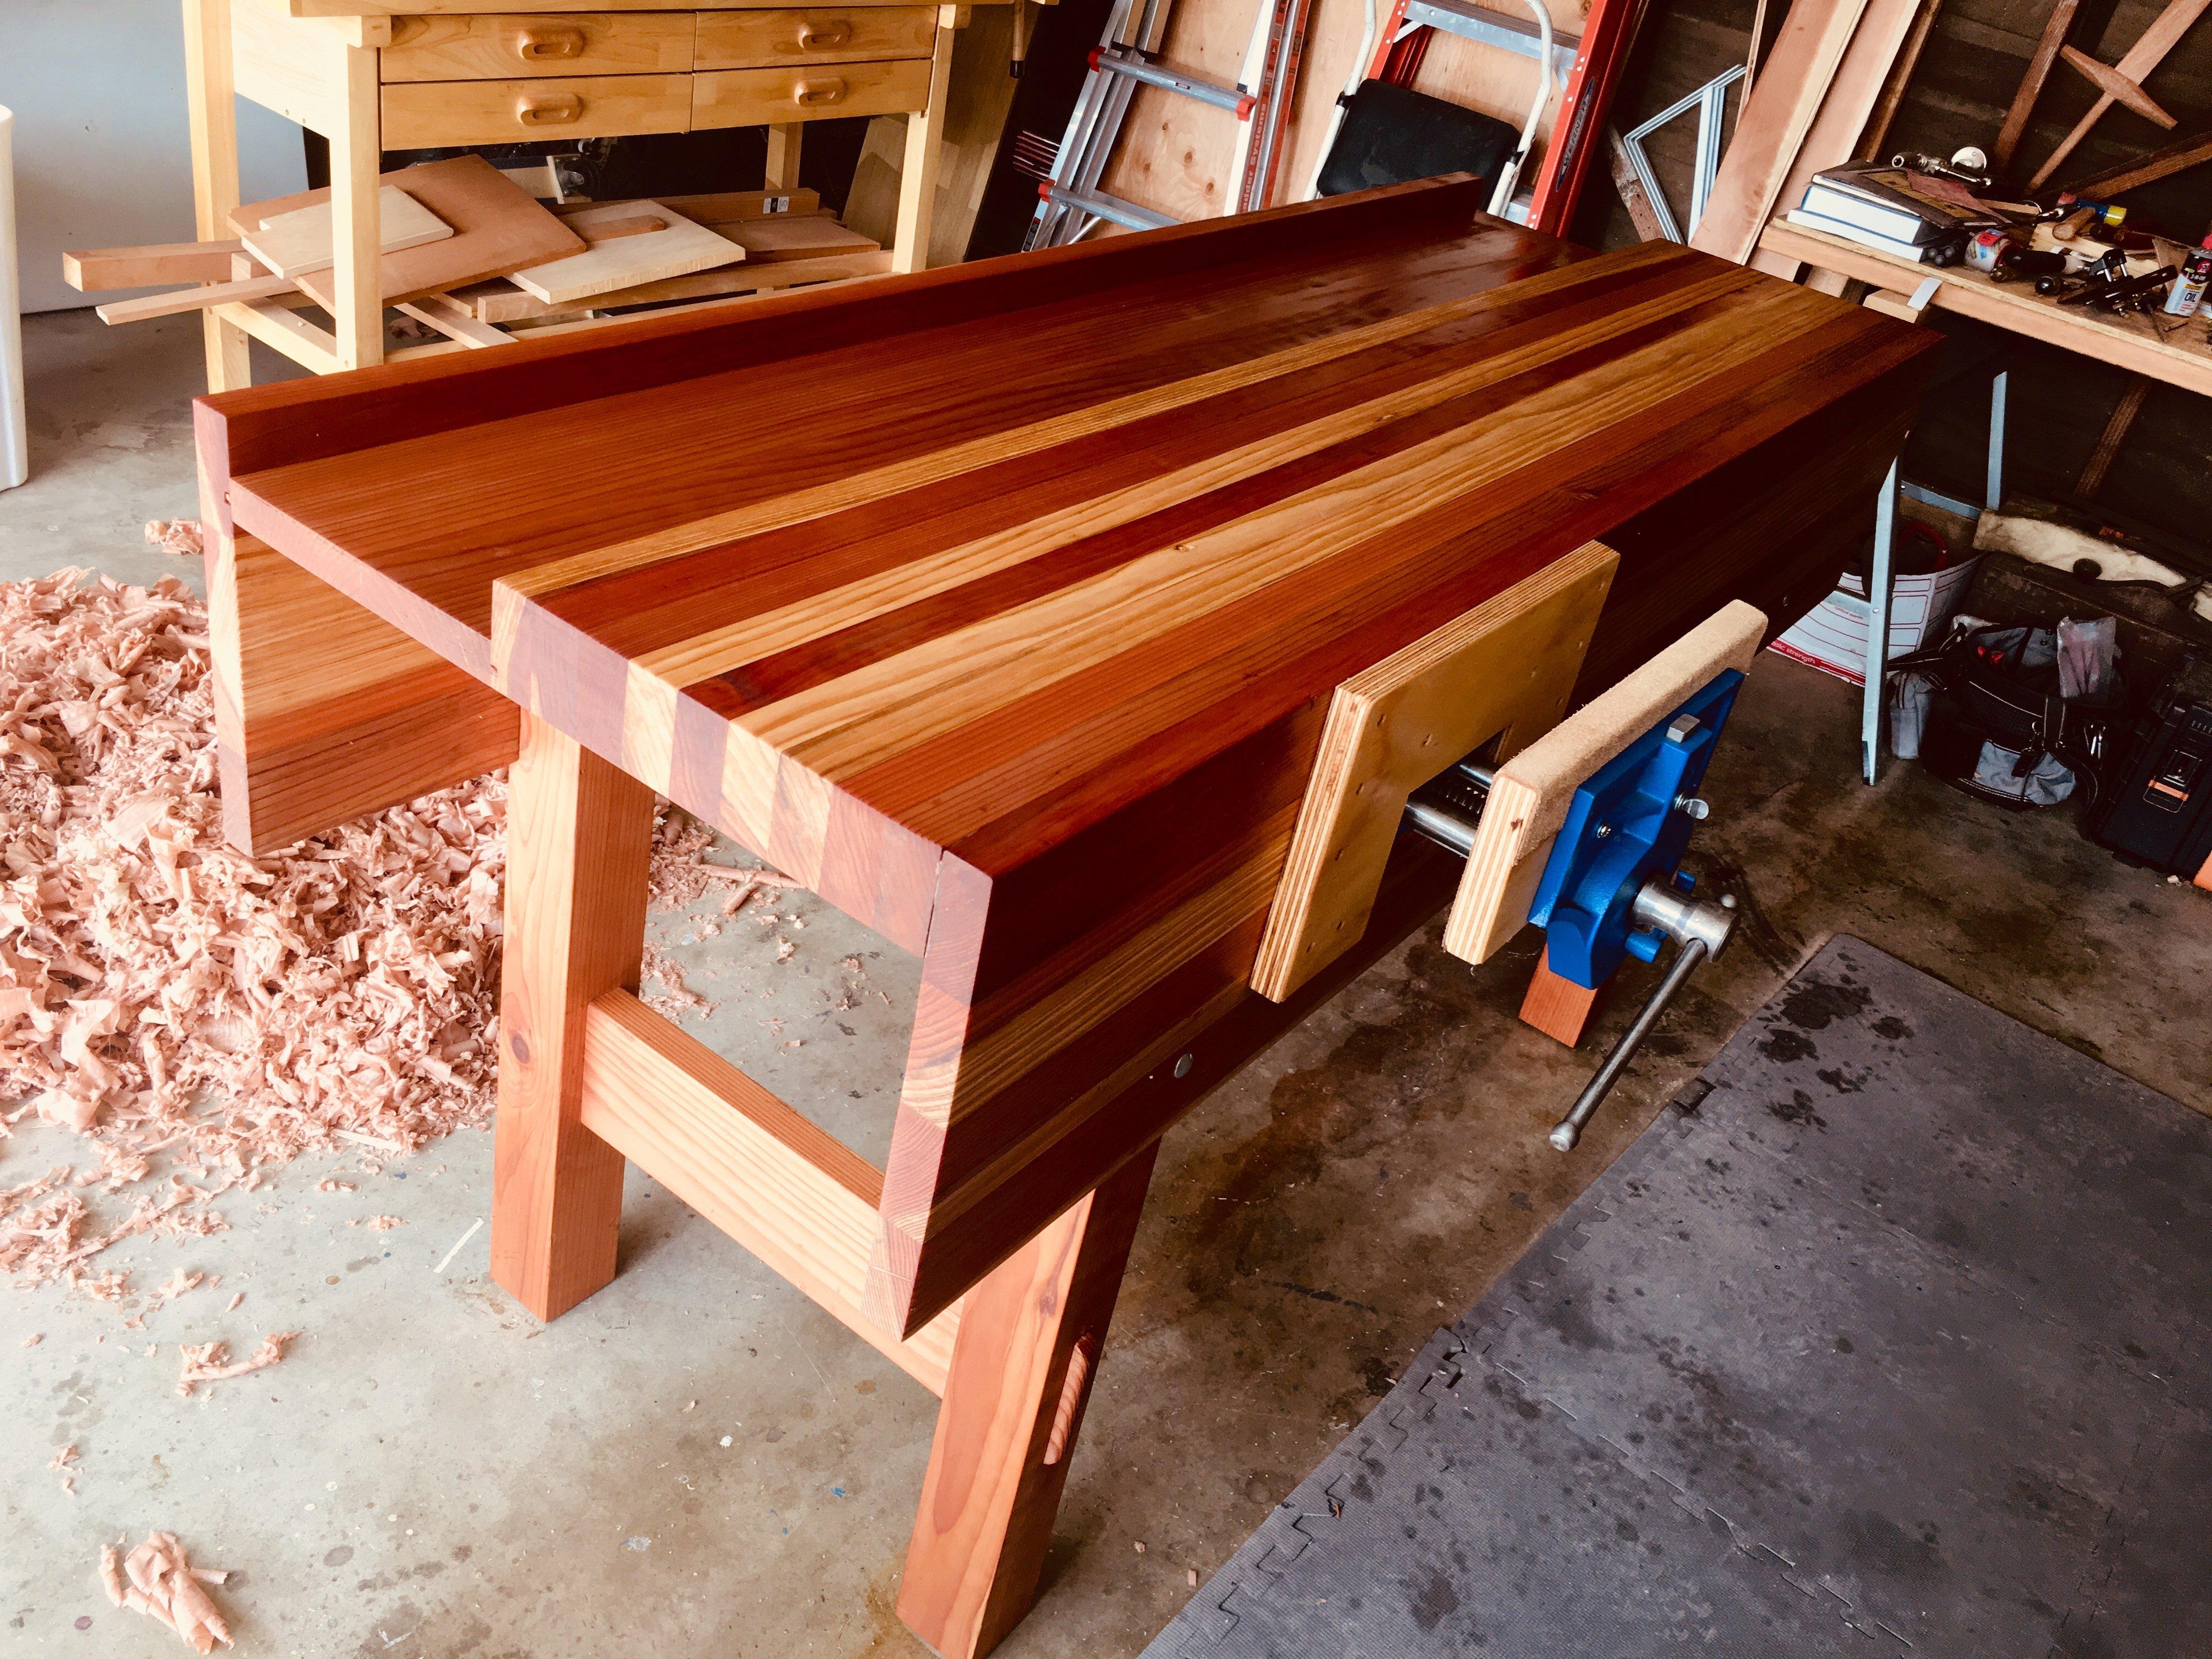 Workbench by Mike Field